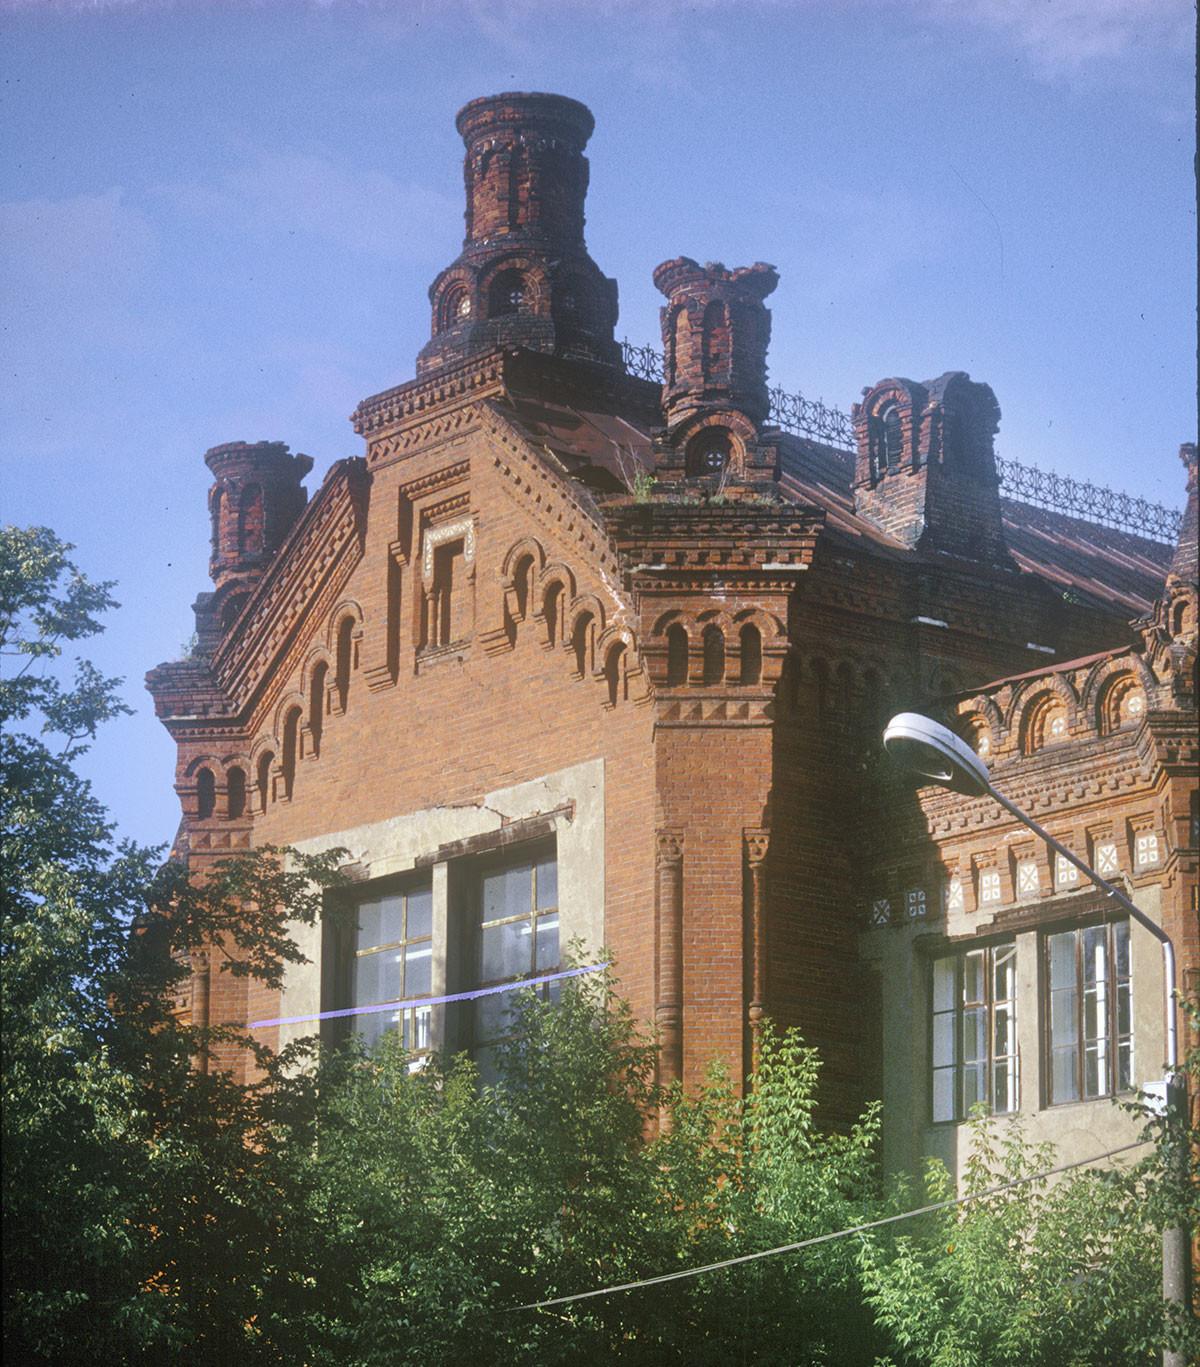 Église de Saint-Nicolas, attenanteau lycée pour filles Mariinsky. Coupole et clocher détruits pendant l'époque soviétique).